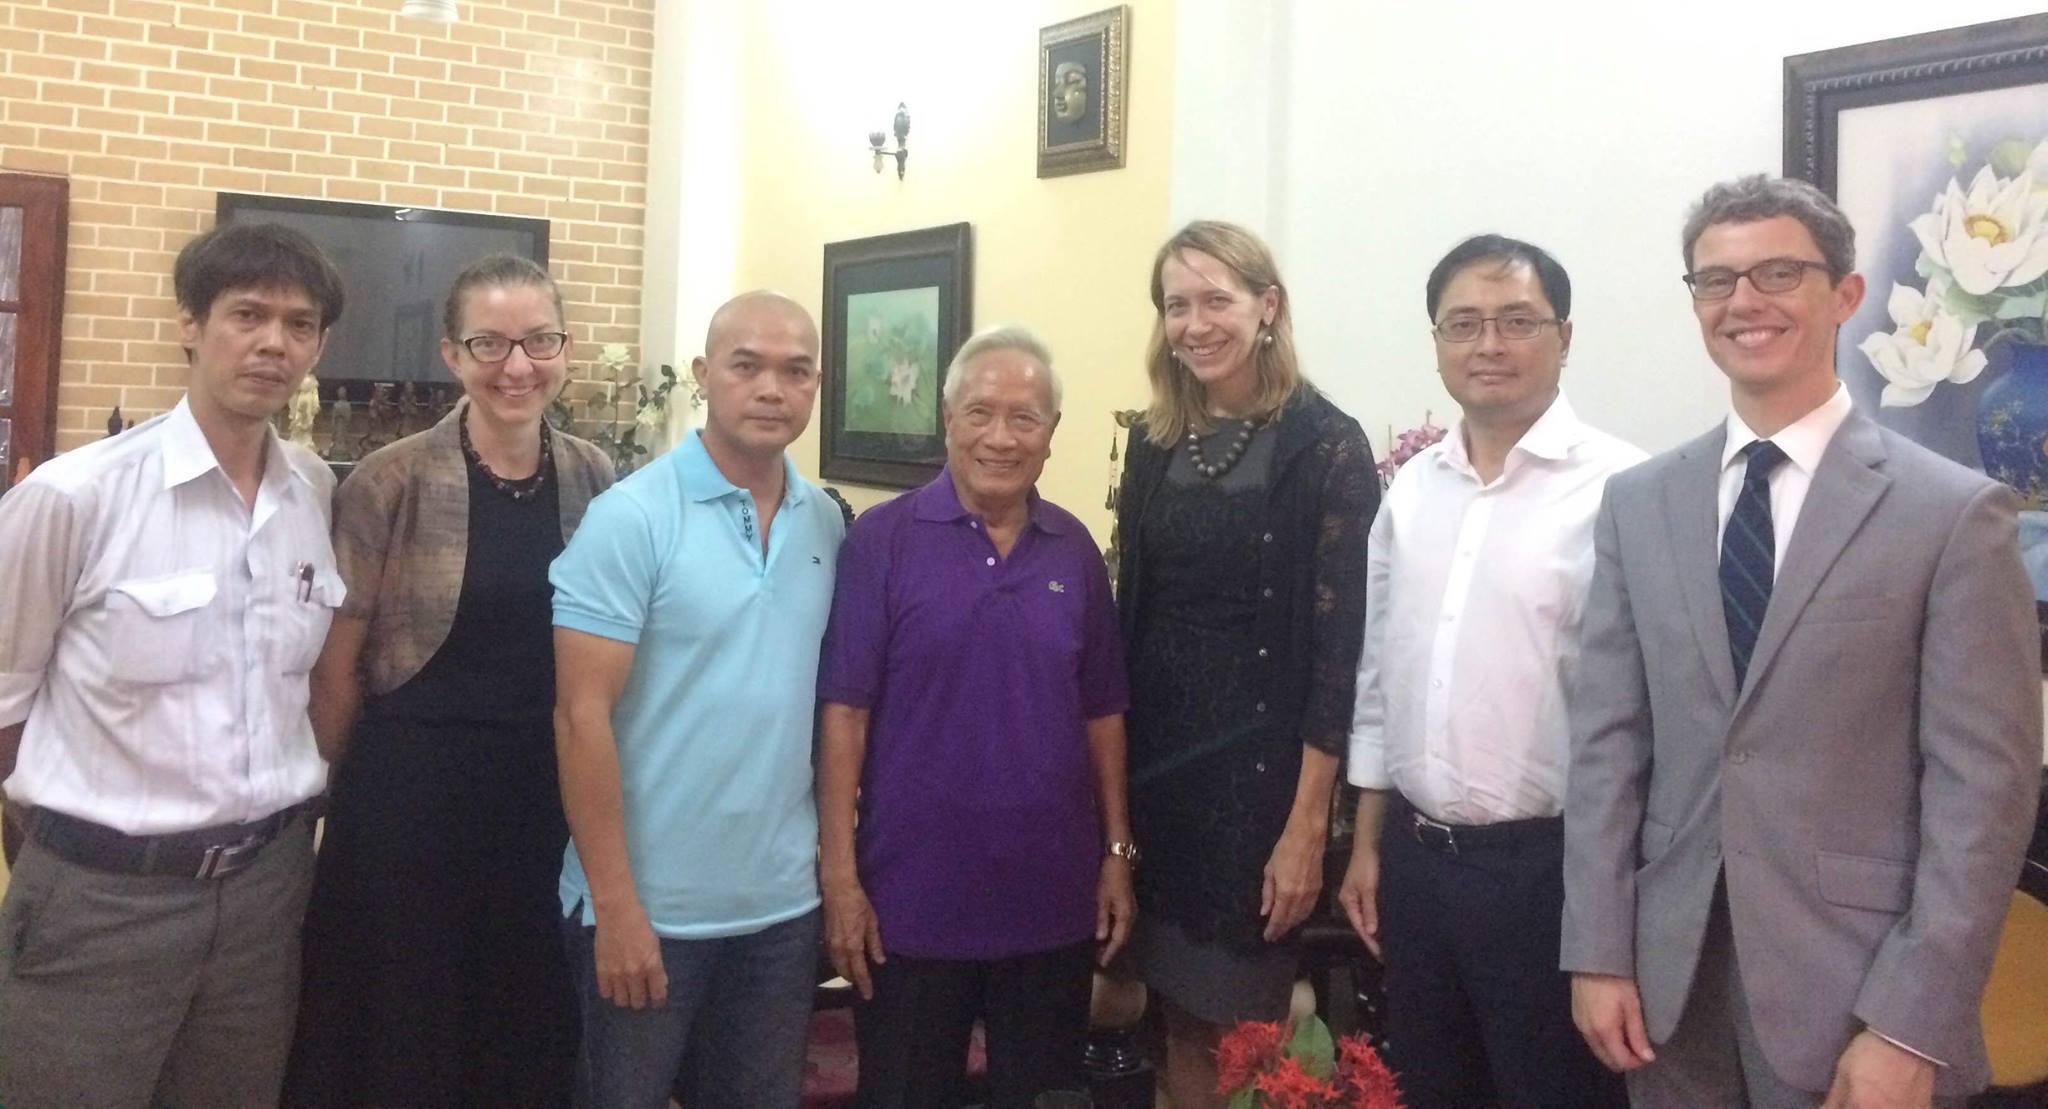 Tân Tổng Lãnh Sự Hoa Kỳ gặp Xã Hội Dân Sự tại nhà bác sĩ Nguyễn Đan Quế